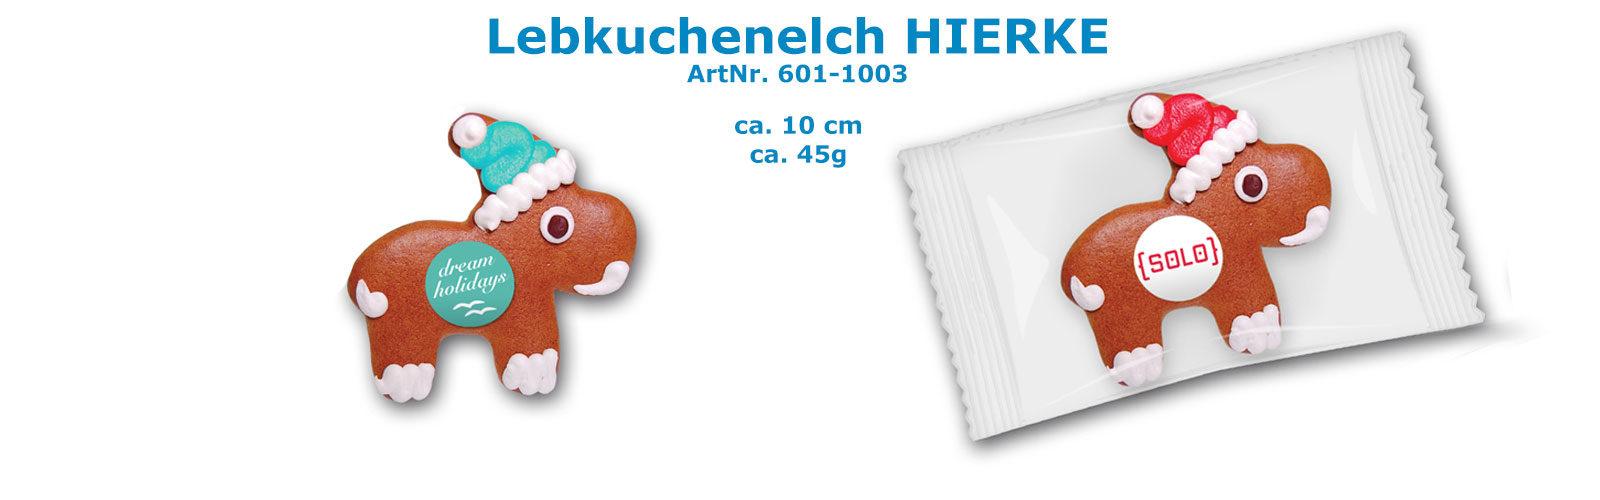 Lebkuchenelch HIERKE mit Logo